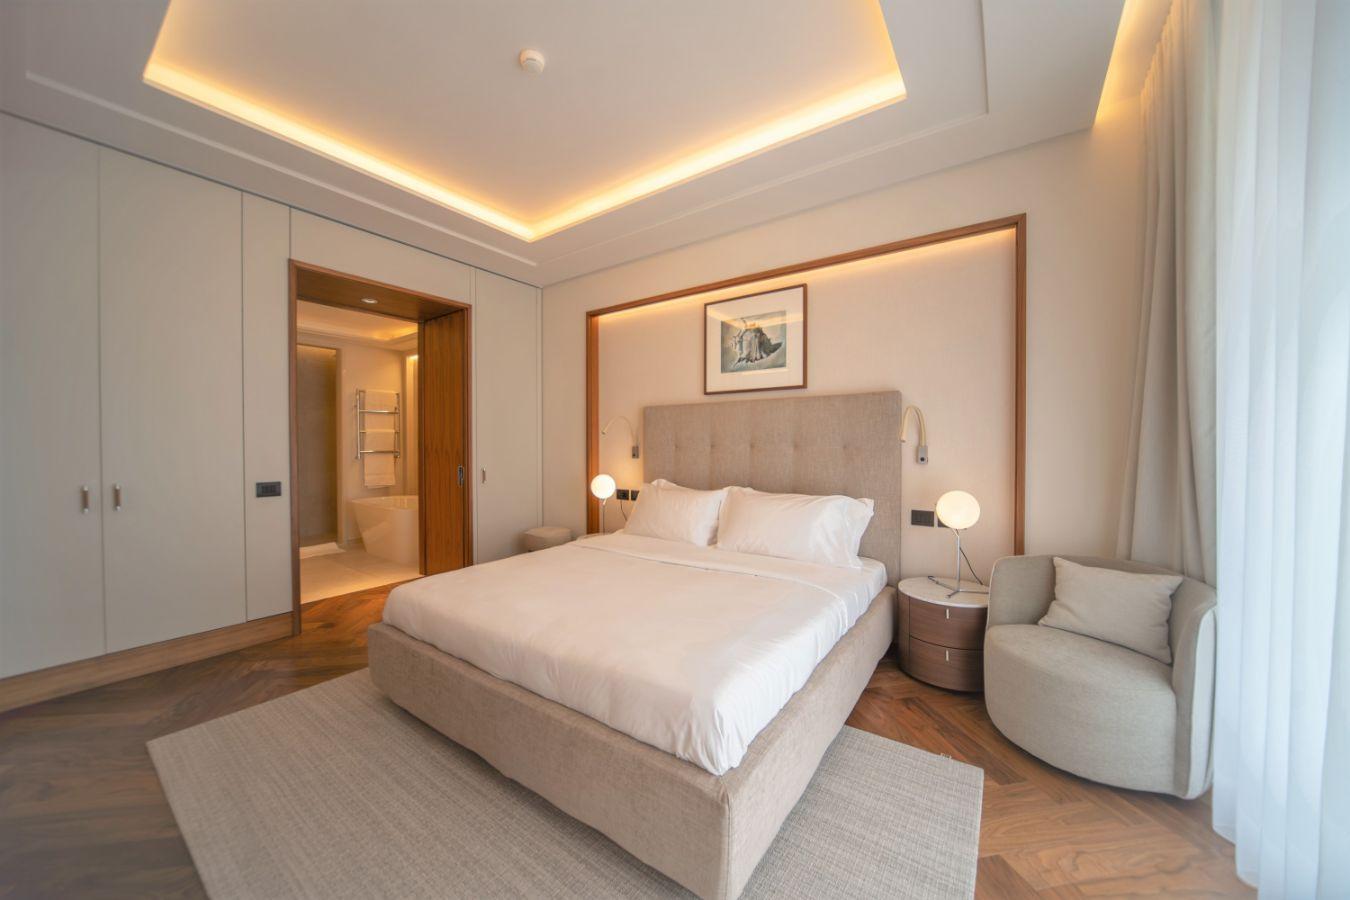 Bedroom in beige